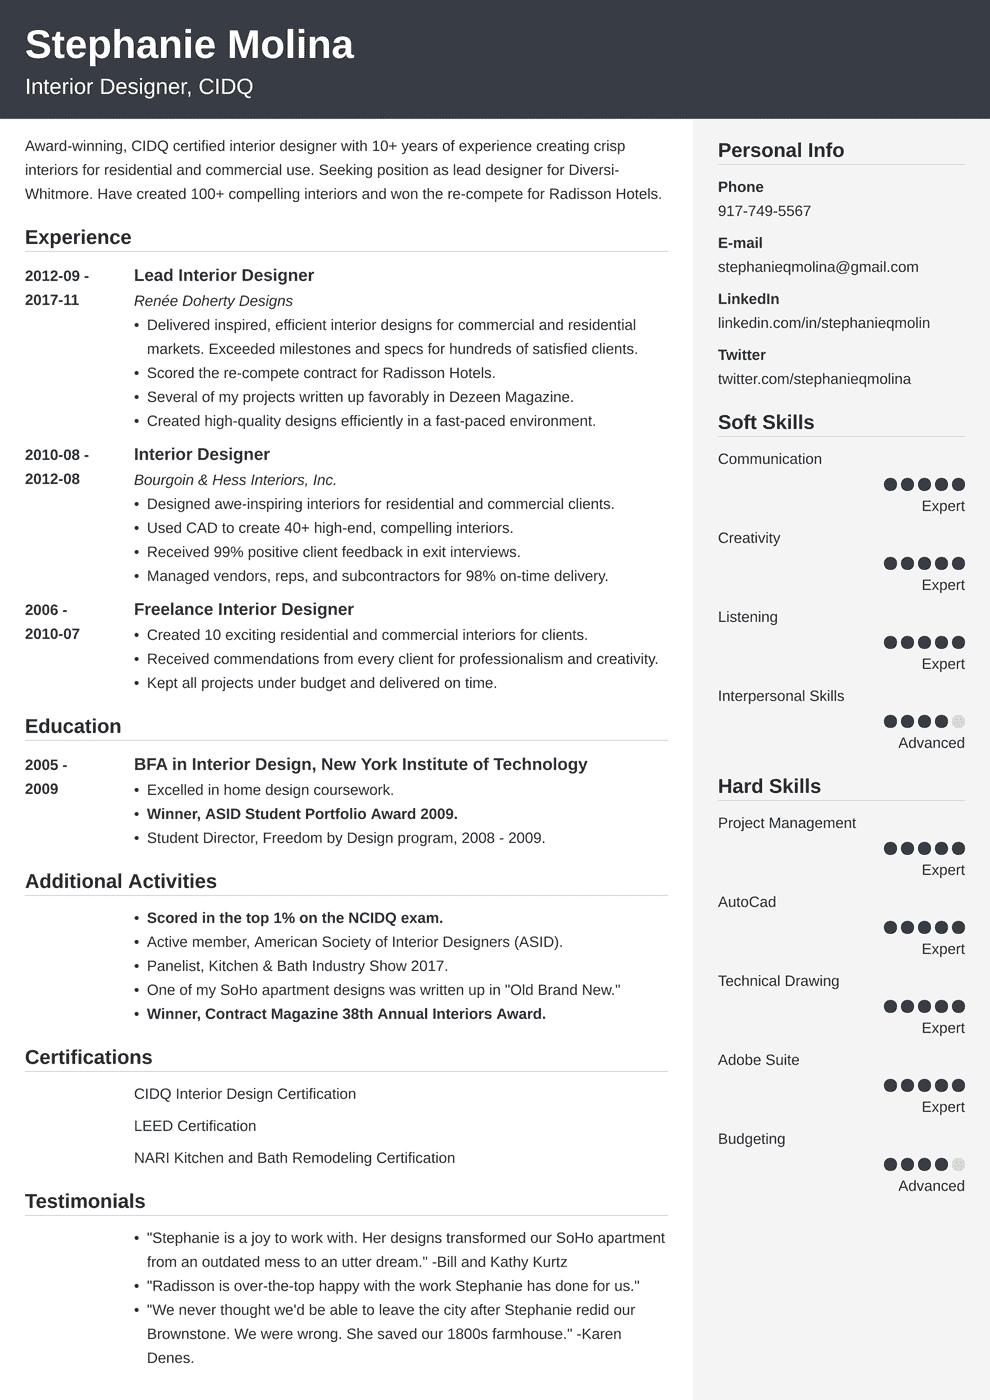 interior design resume template cubic in 2020 Resume